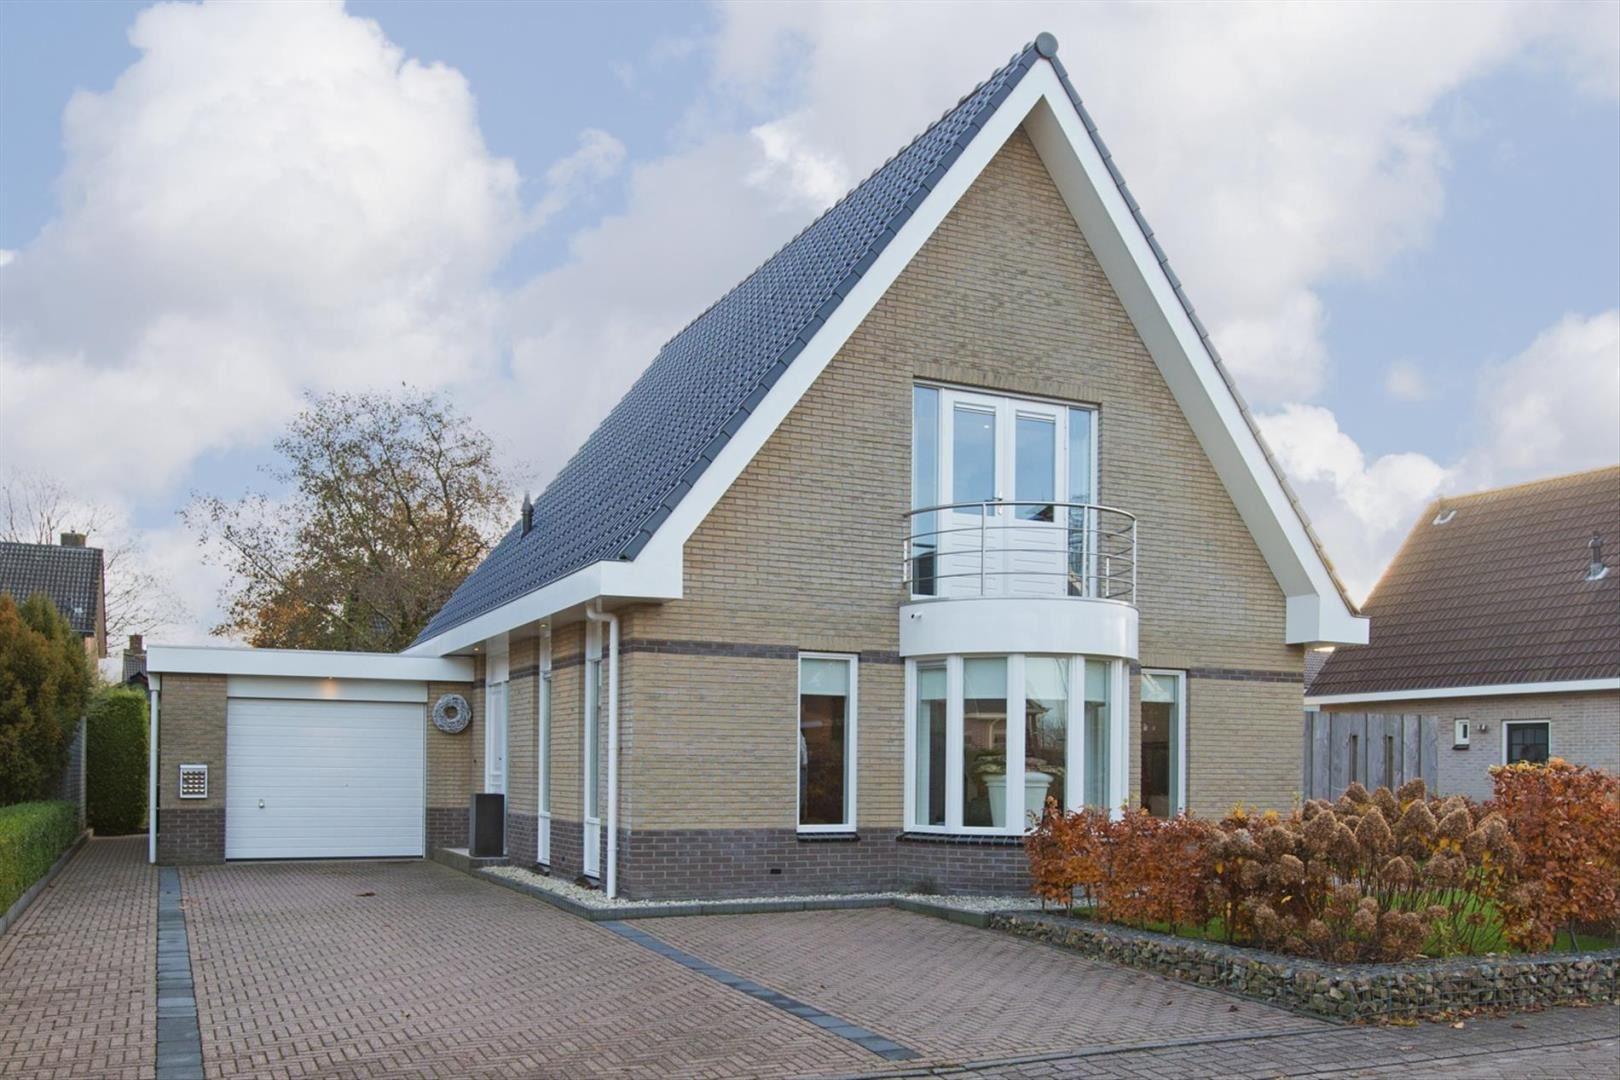 Huis te koop hanegraaffweg 46 9257 vv noardburgum funda - Huis vv ...